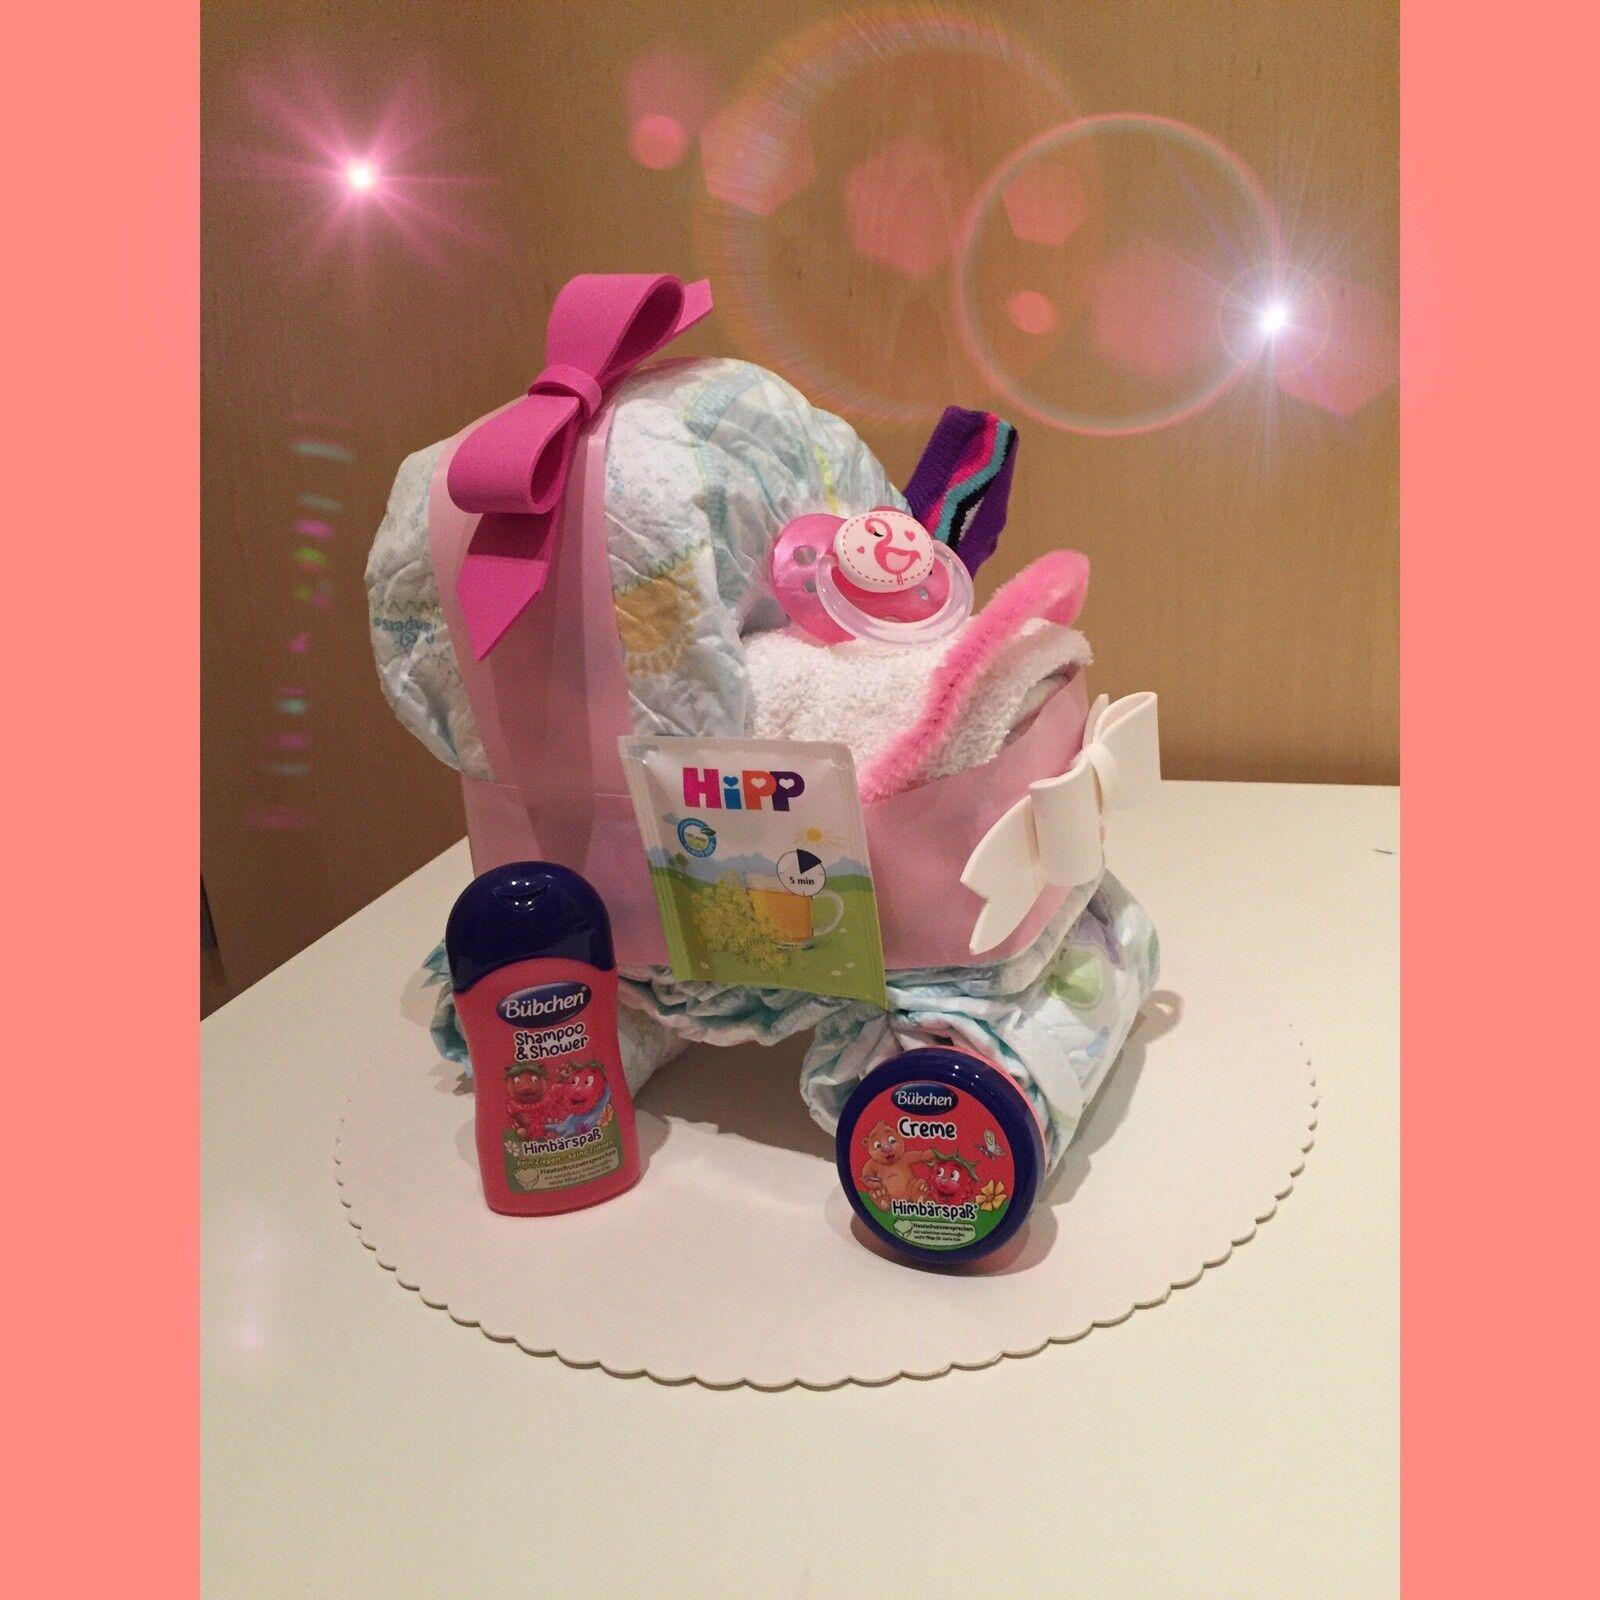 Windeltorte Windelkinderwagen Rosa Geburt Taufe Geschenk Pampers Baby Handarbeit